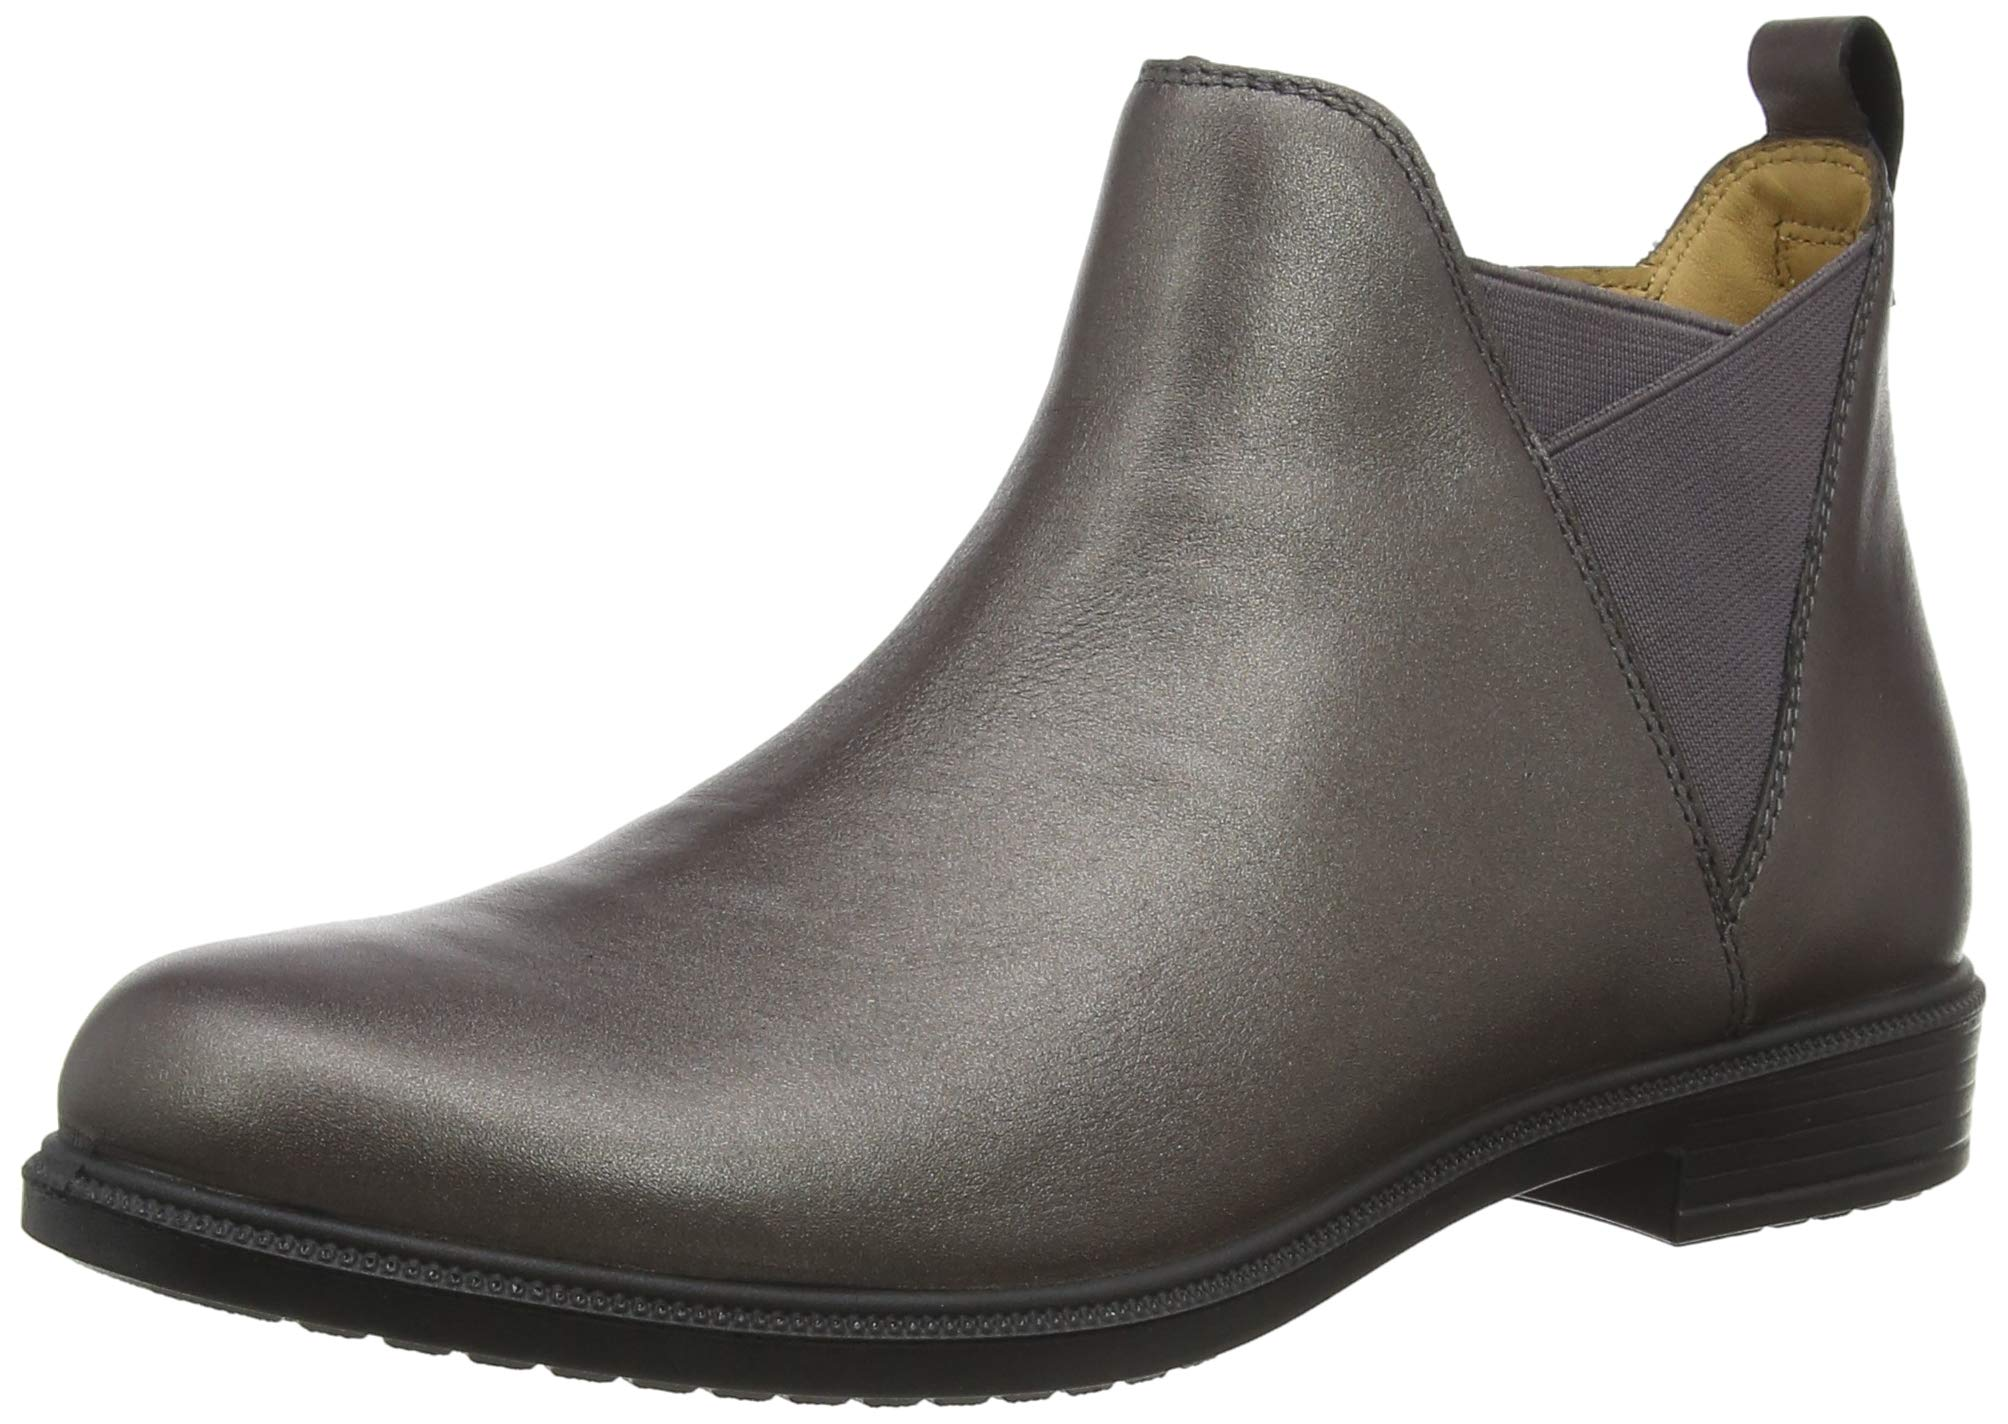 Eu Metallic Hotter YorkChelsea Boots 14137 FemmeGrisgunmetal 0N8wOkXnP